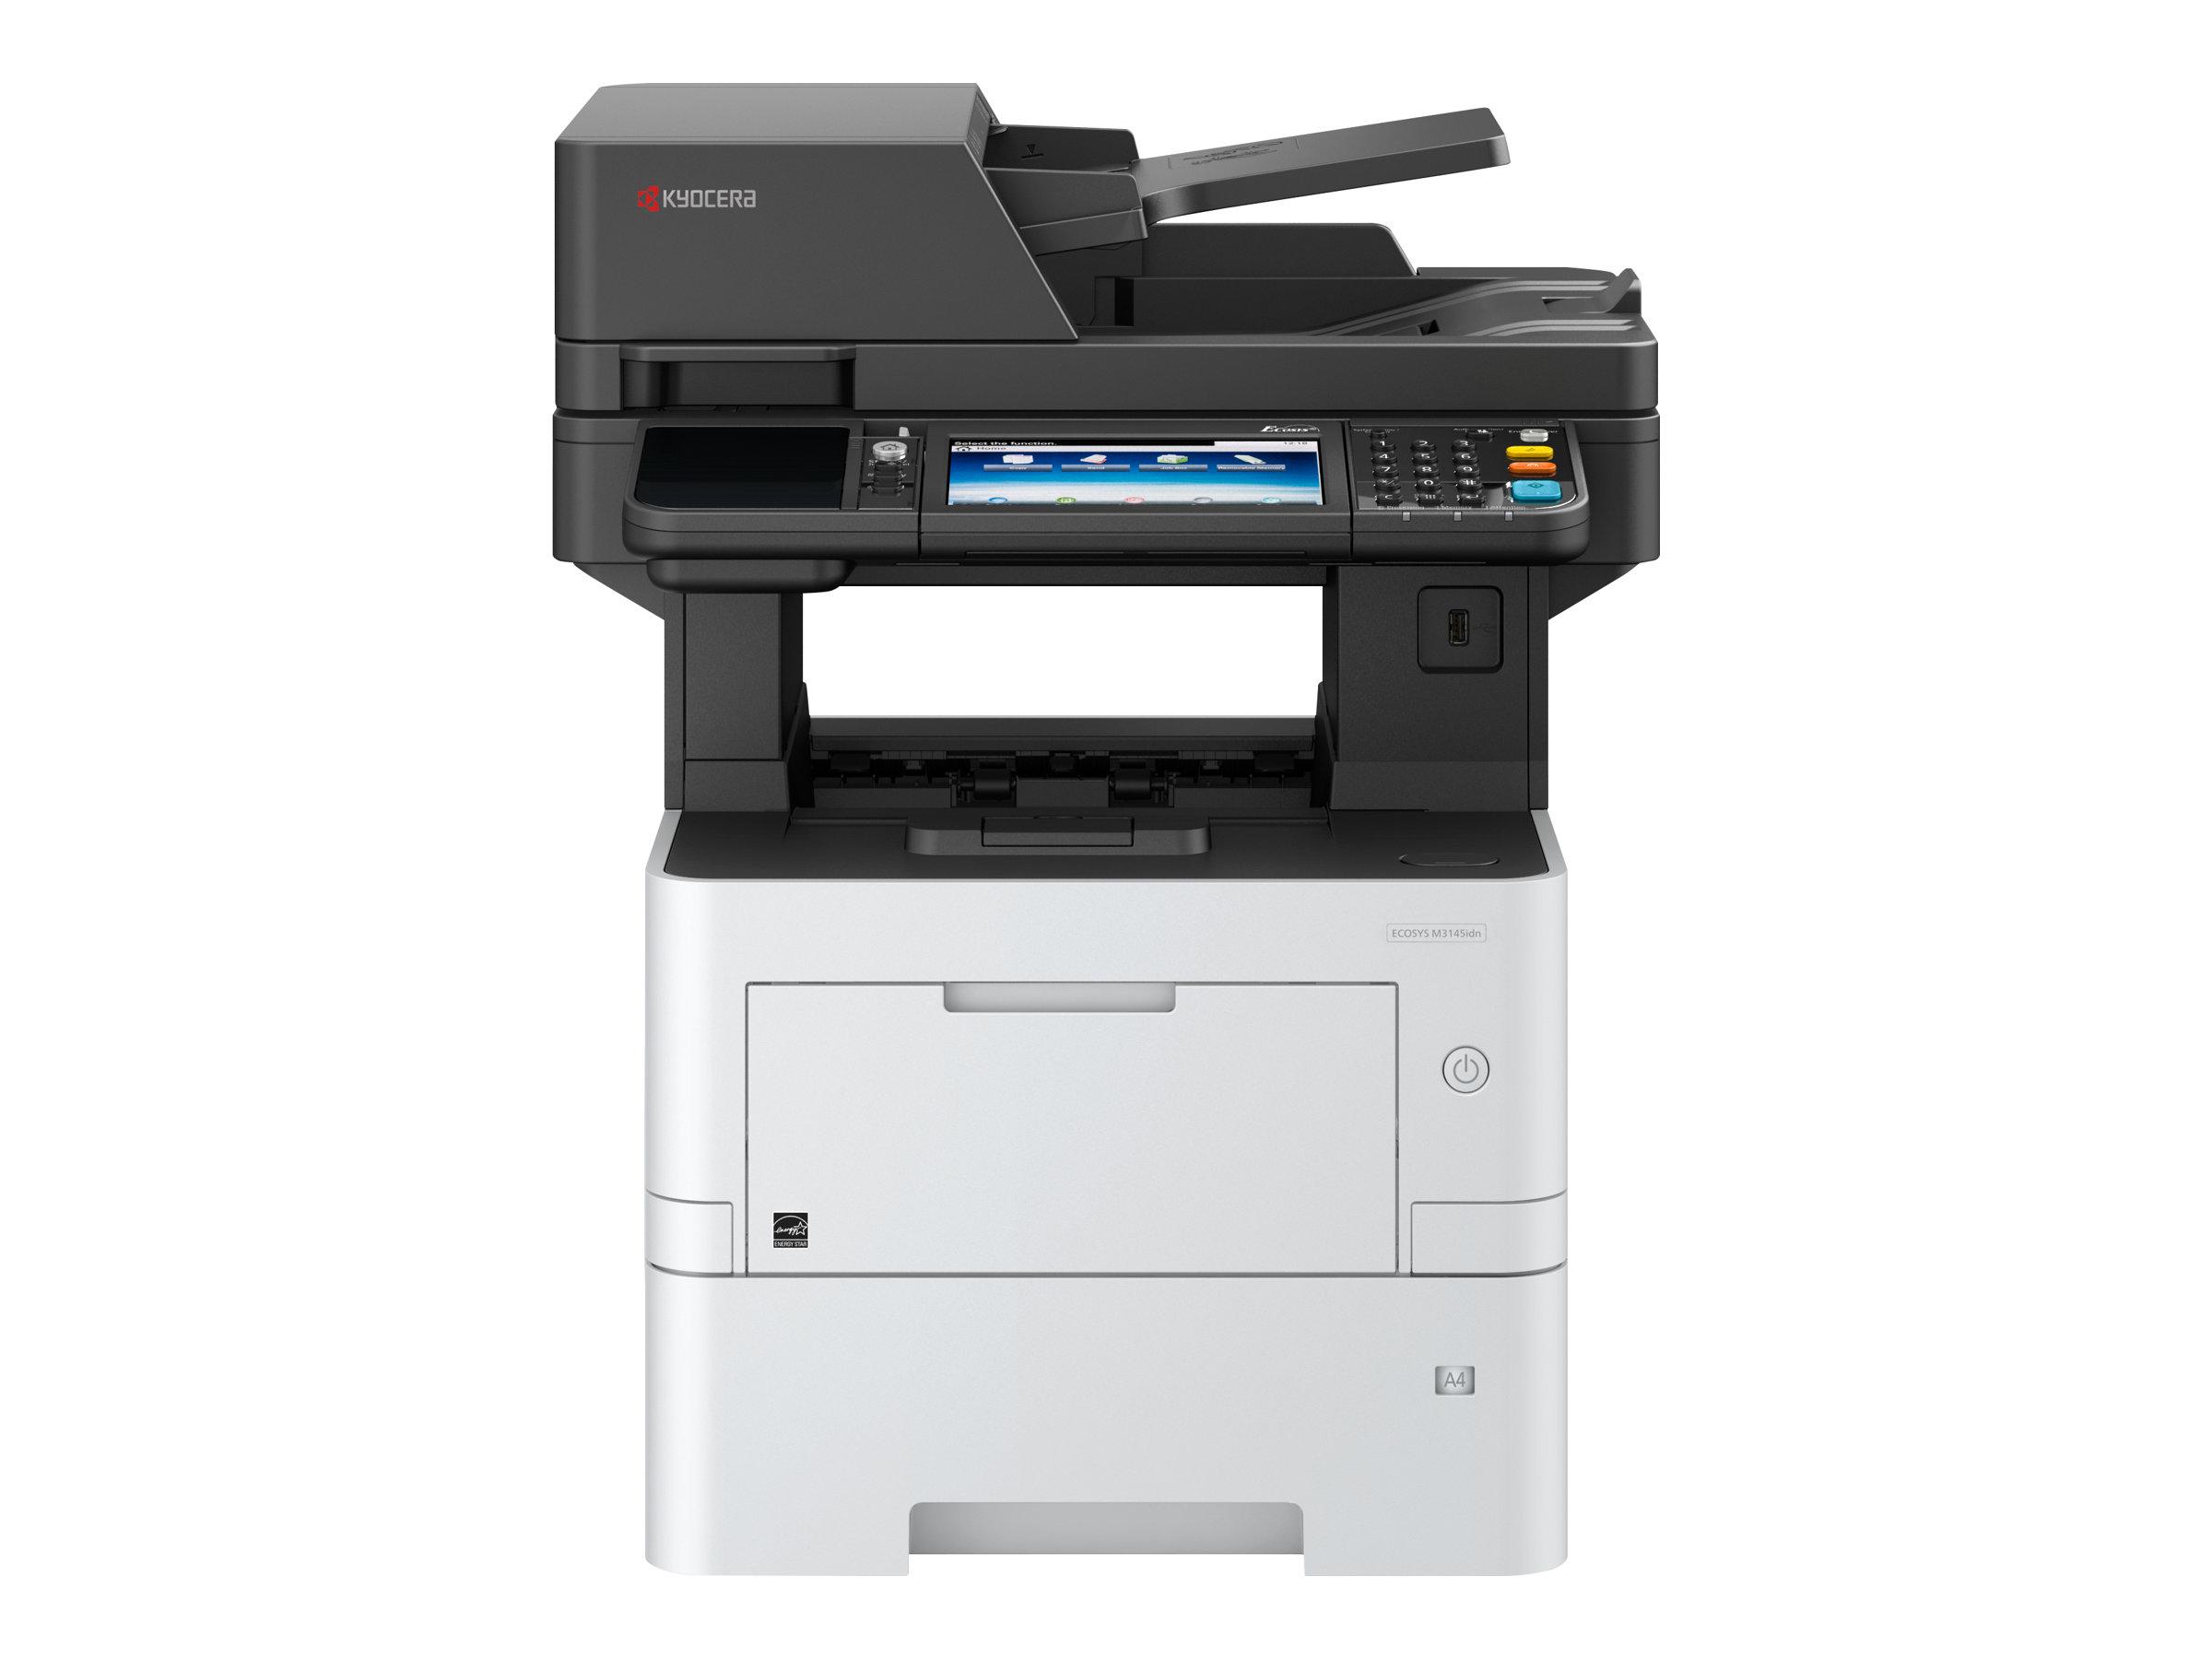 Kyocera ECOSYS M3145IDN - Multifunktionsdrucker - s/w - Laser - A4 (210 x 297 mm), Legal (216 x 356 mm) (Original) - A4/Legal (M